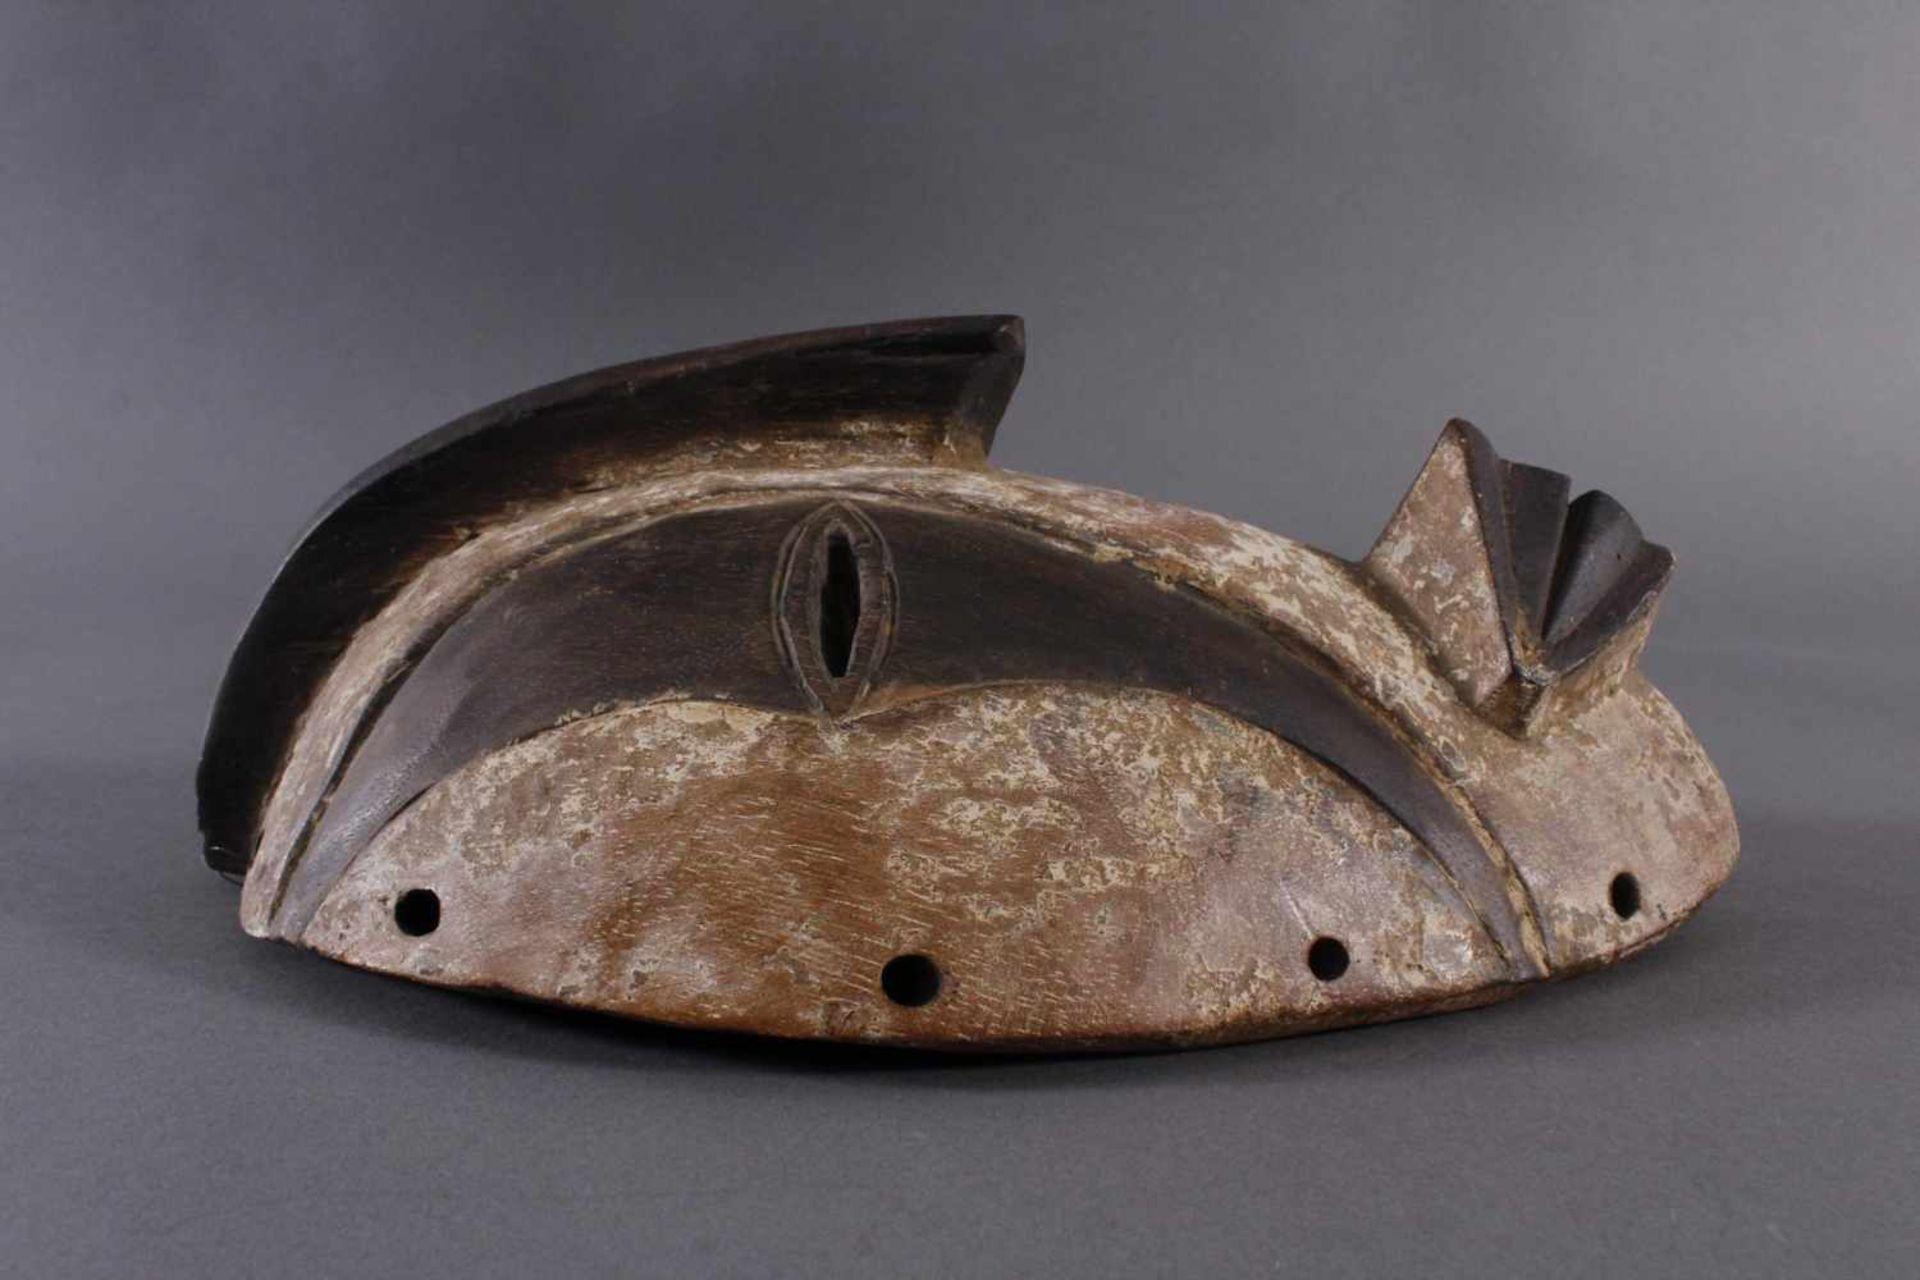 Antike Maske, Gabun 1. Hälfte 20. Jh.Holz geschnitzt, braune Patina, Kaolin Bemalung, ca. 11,5 x - Bild 2 aus 5